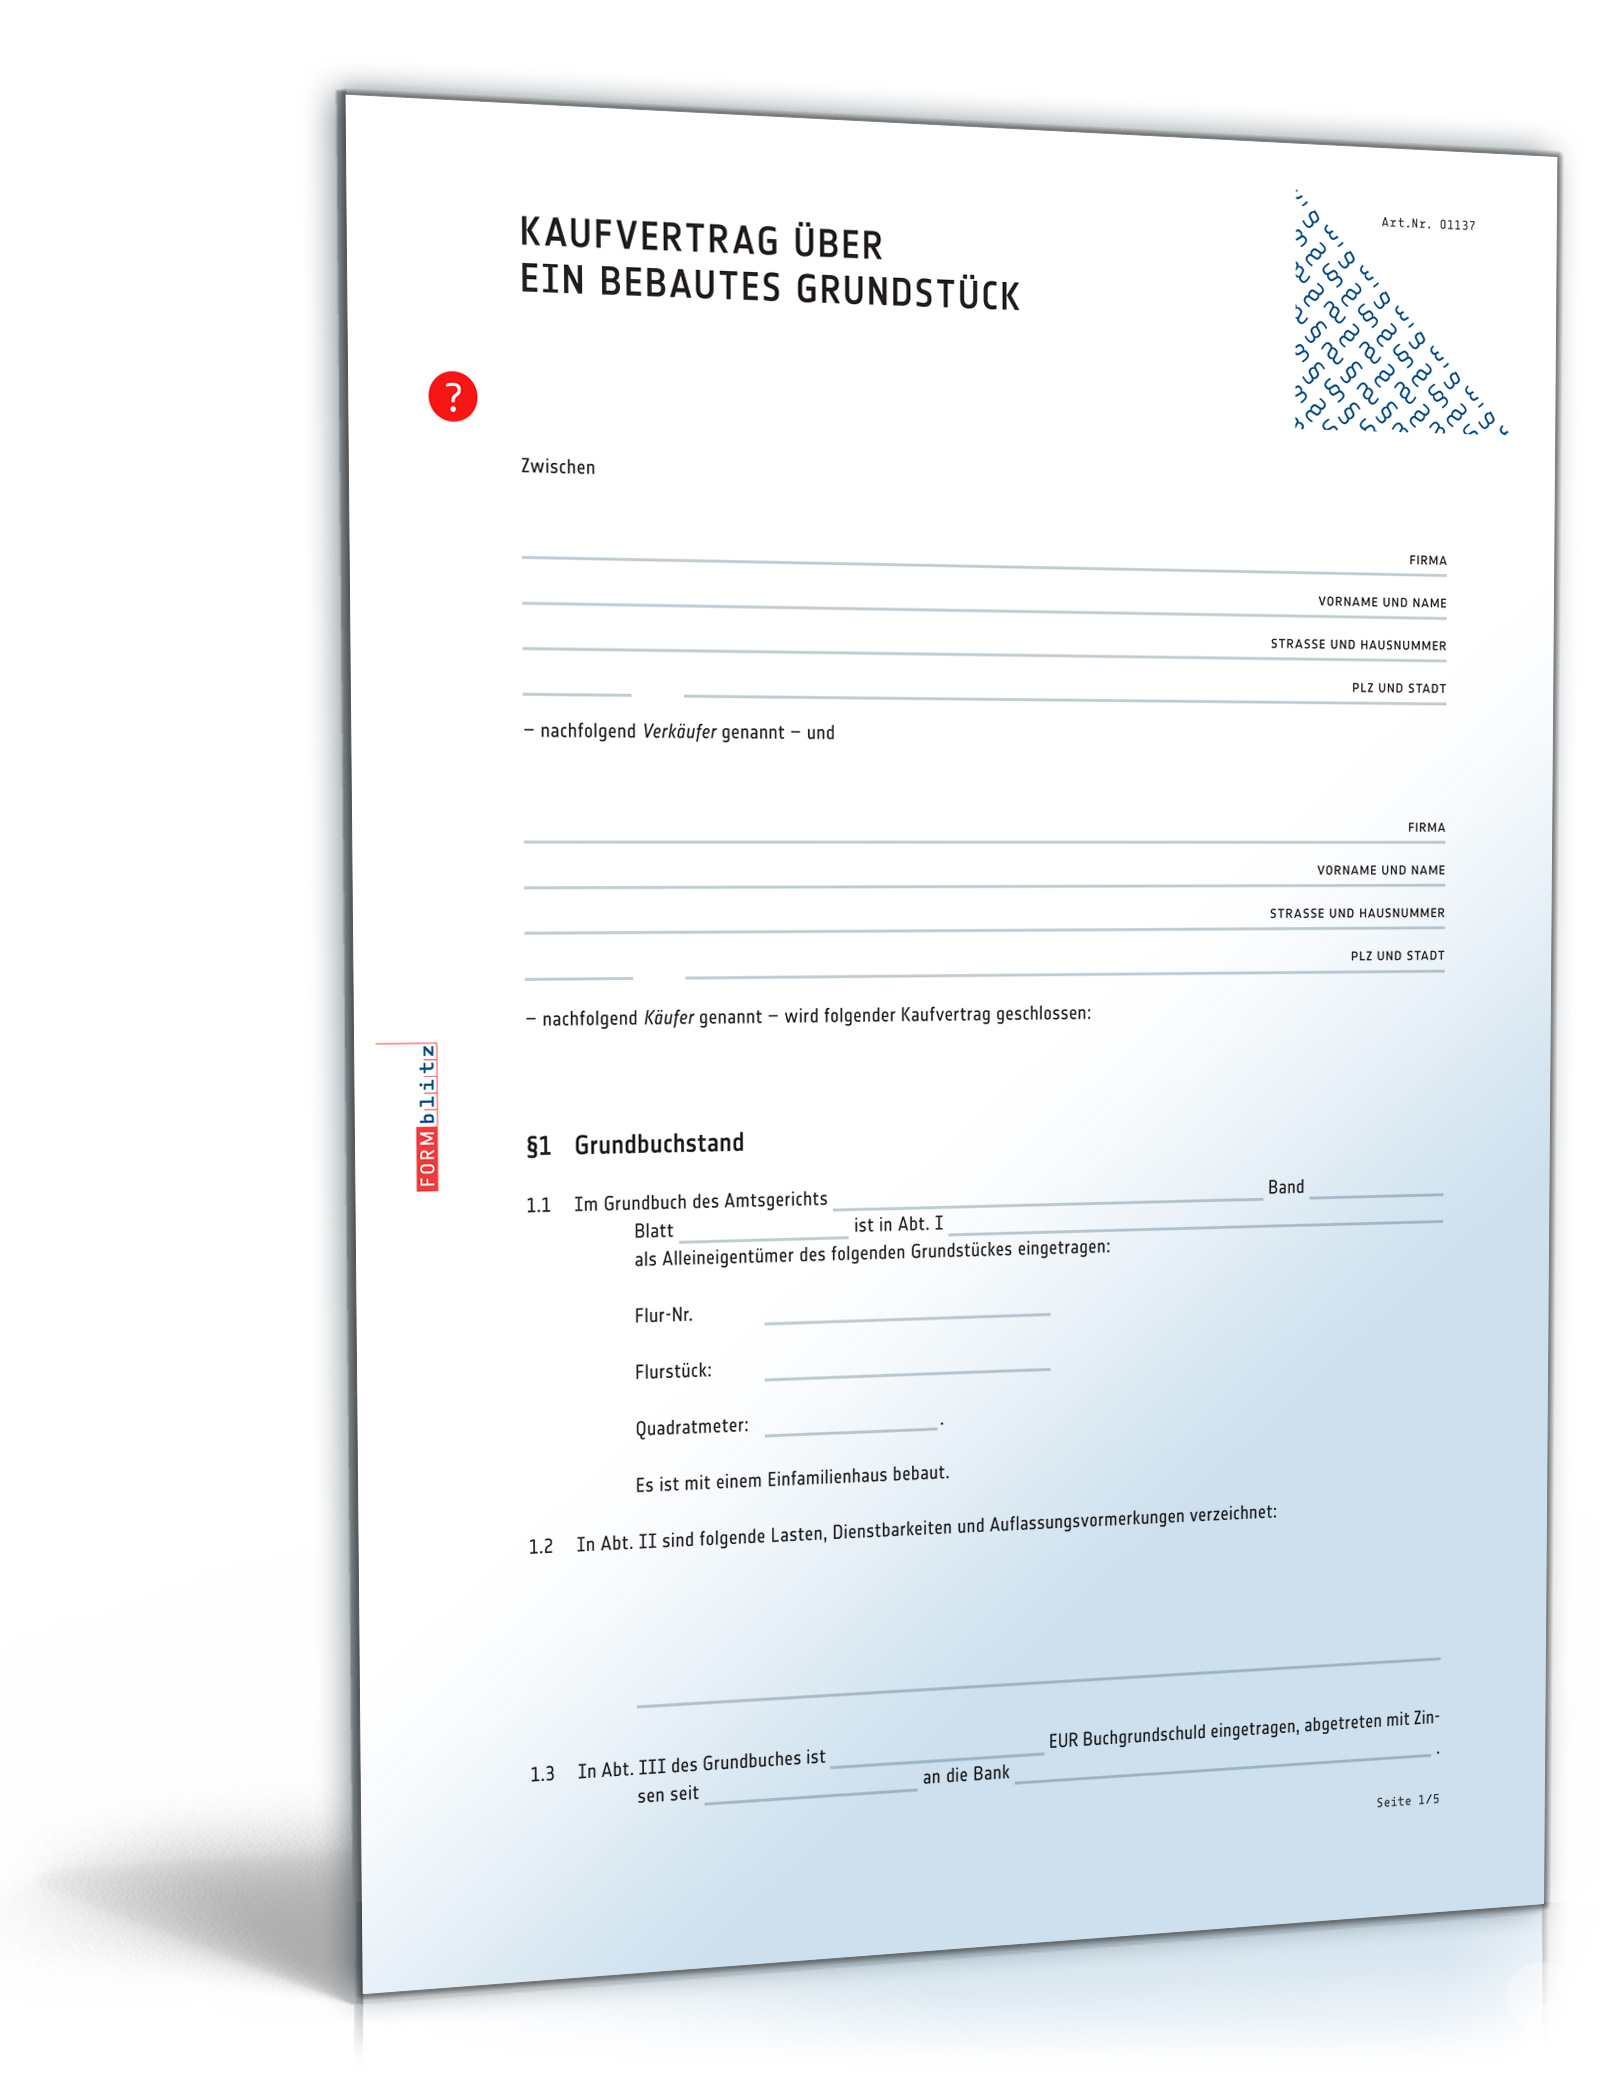 kaufvertrag haus doc vertrag fr immobilie oder bebautes grundstck download amazonde software - Rucktritt Vom Kaufvertrag Muster